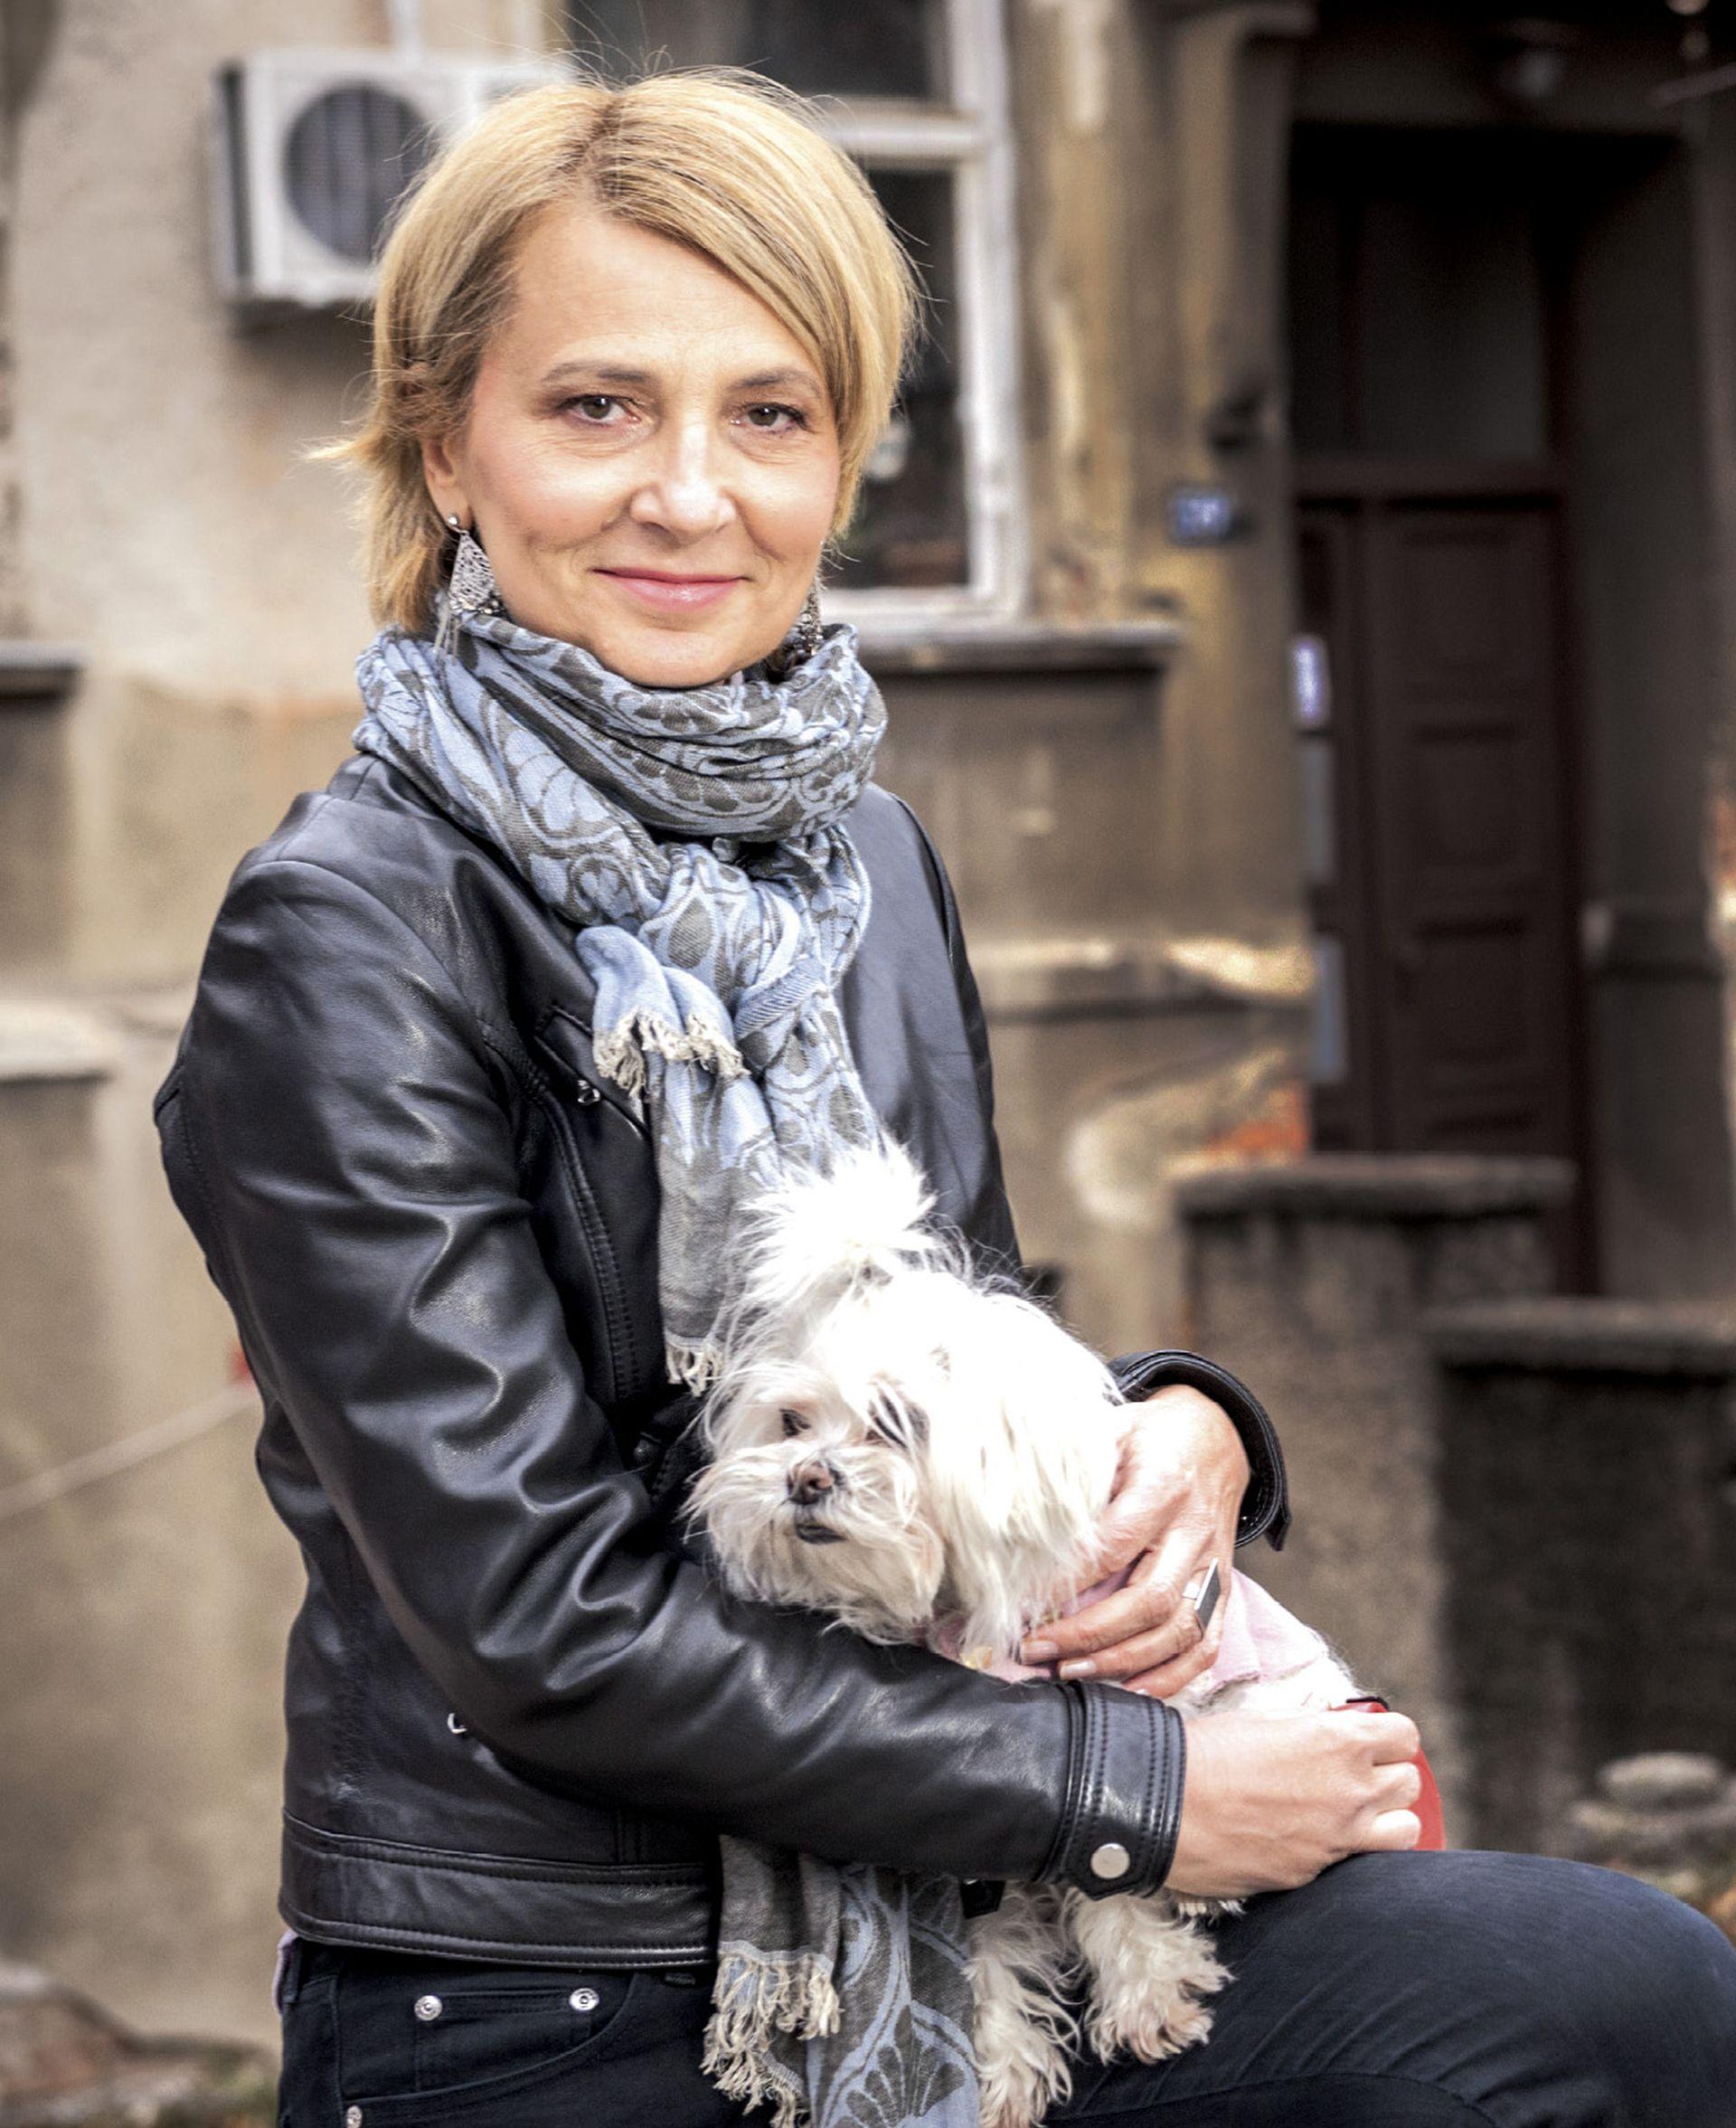 INTERVIEW: TATJANA AĆIMOVIĆ 'Na film o sirotoj Anki brat i ja potrošili smo 10 godina života'